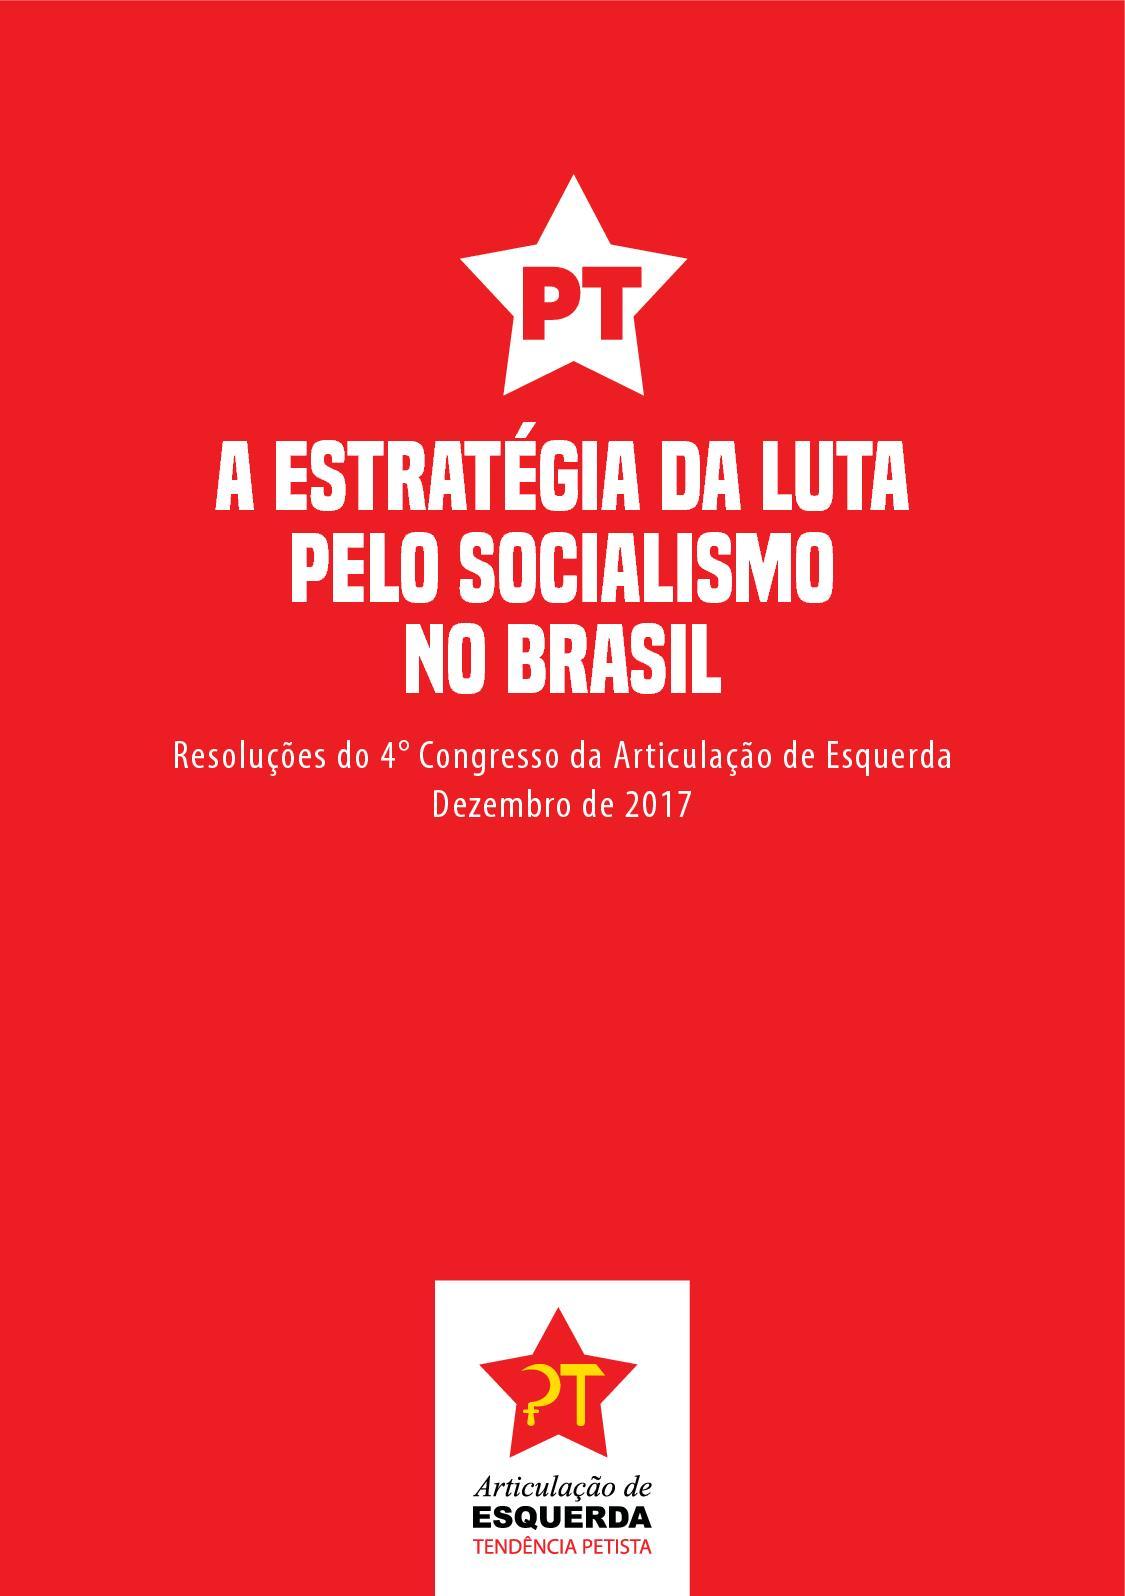 c393142d6 Calaméo - A estratégia da luta pelo socialismo no Brasil (Resoluções 4º  Congresso da Articulação de Esquerda).